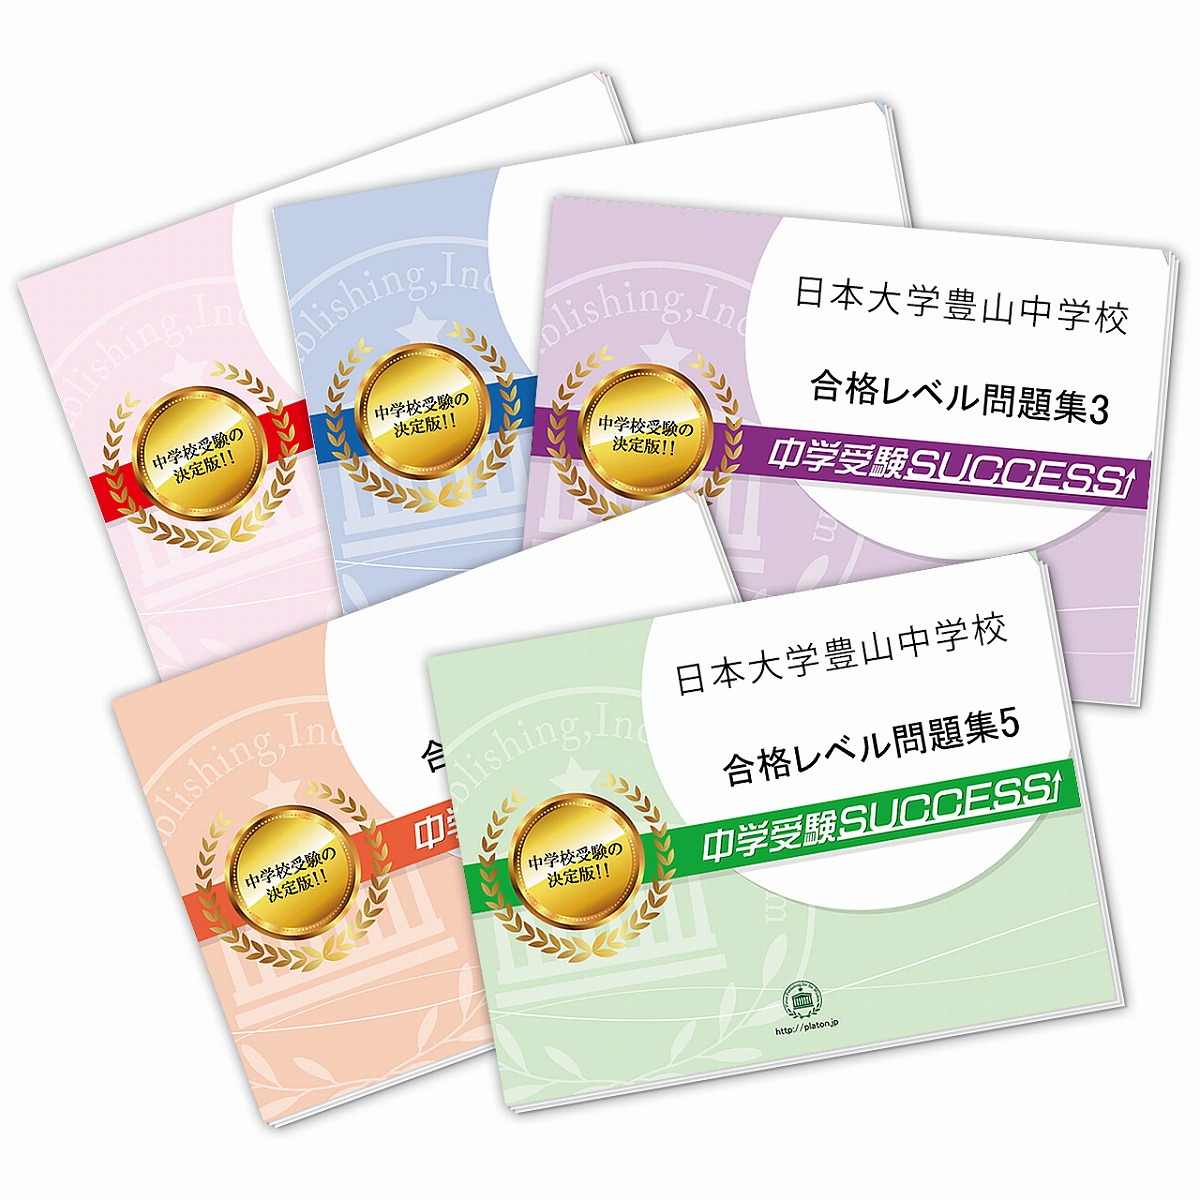 高い素材 人気の製品 送料 代引手数料無料 日本大学豊山中学校 5冊 直前対策合格セット